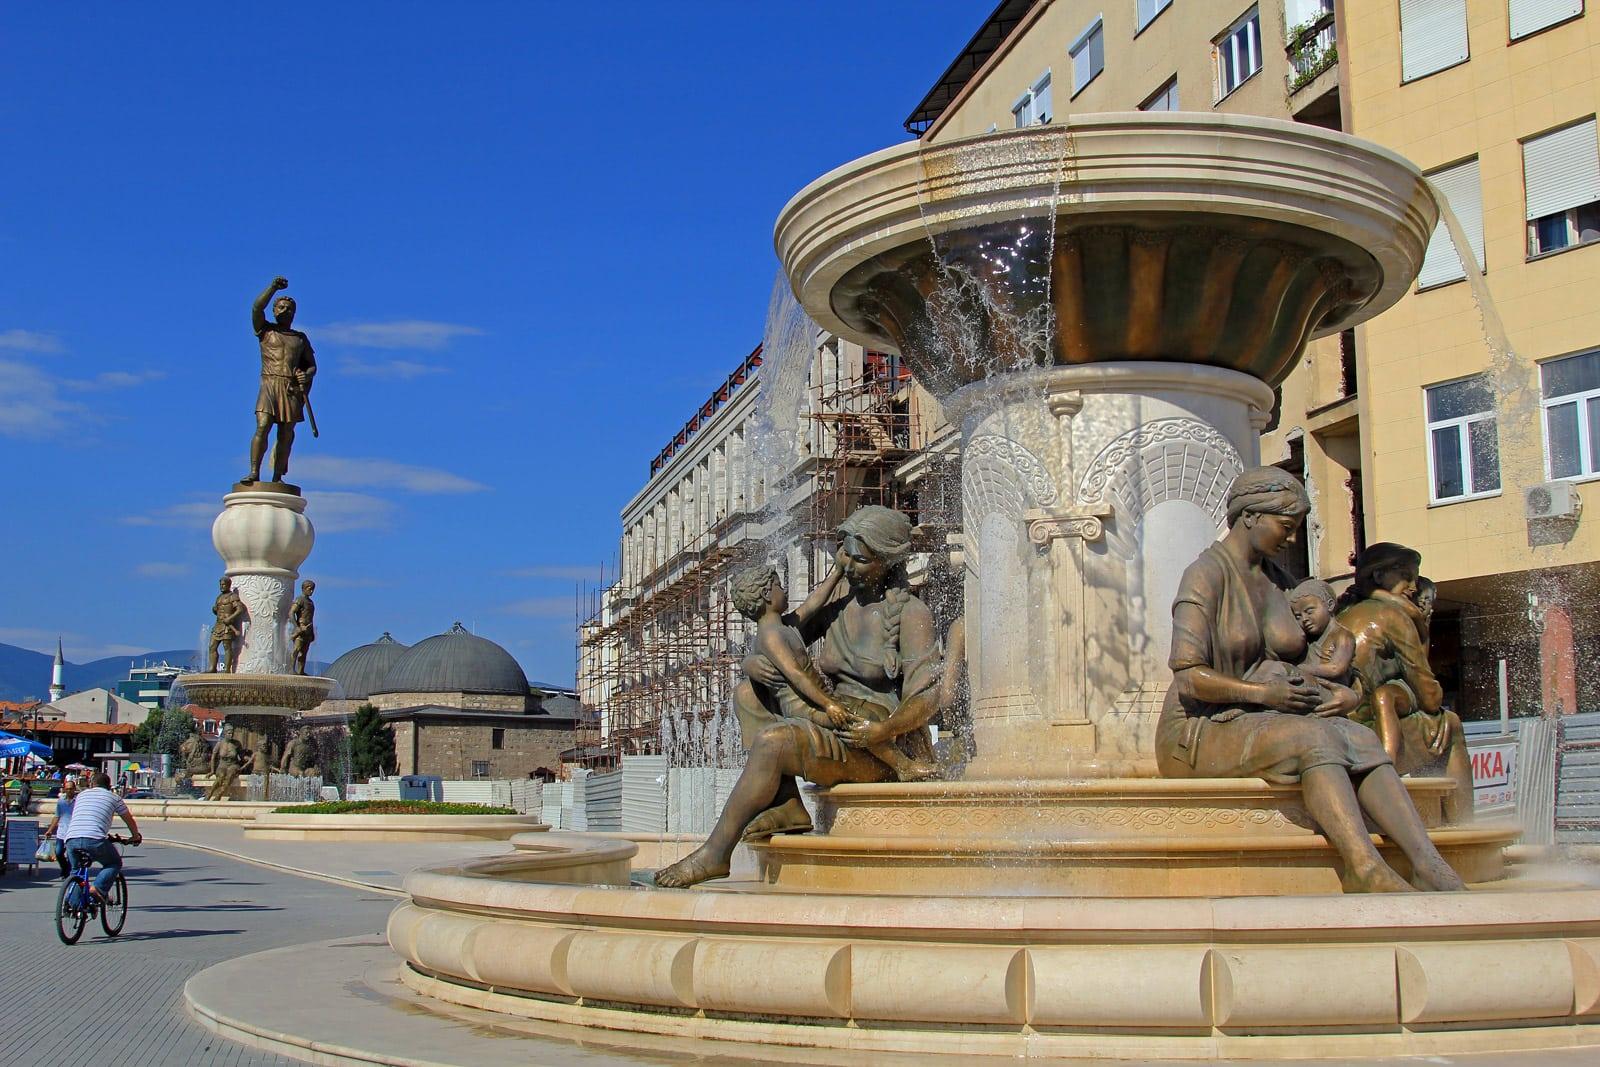 The statues of Skopje